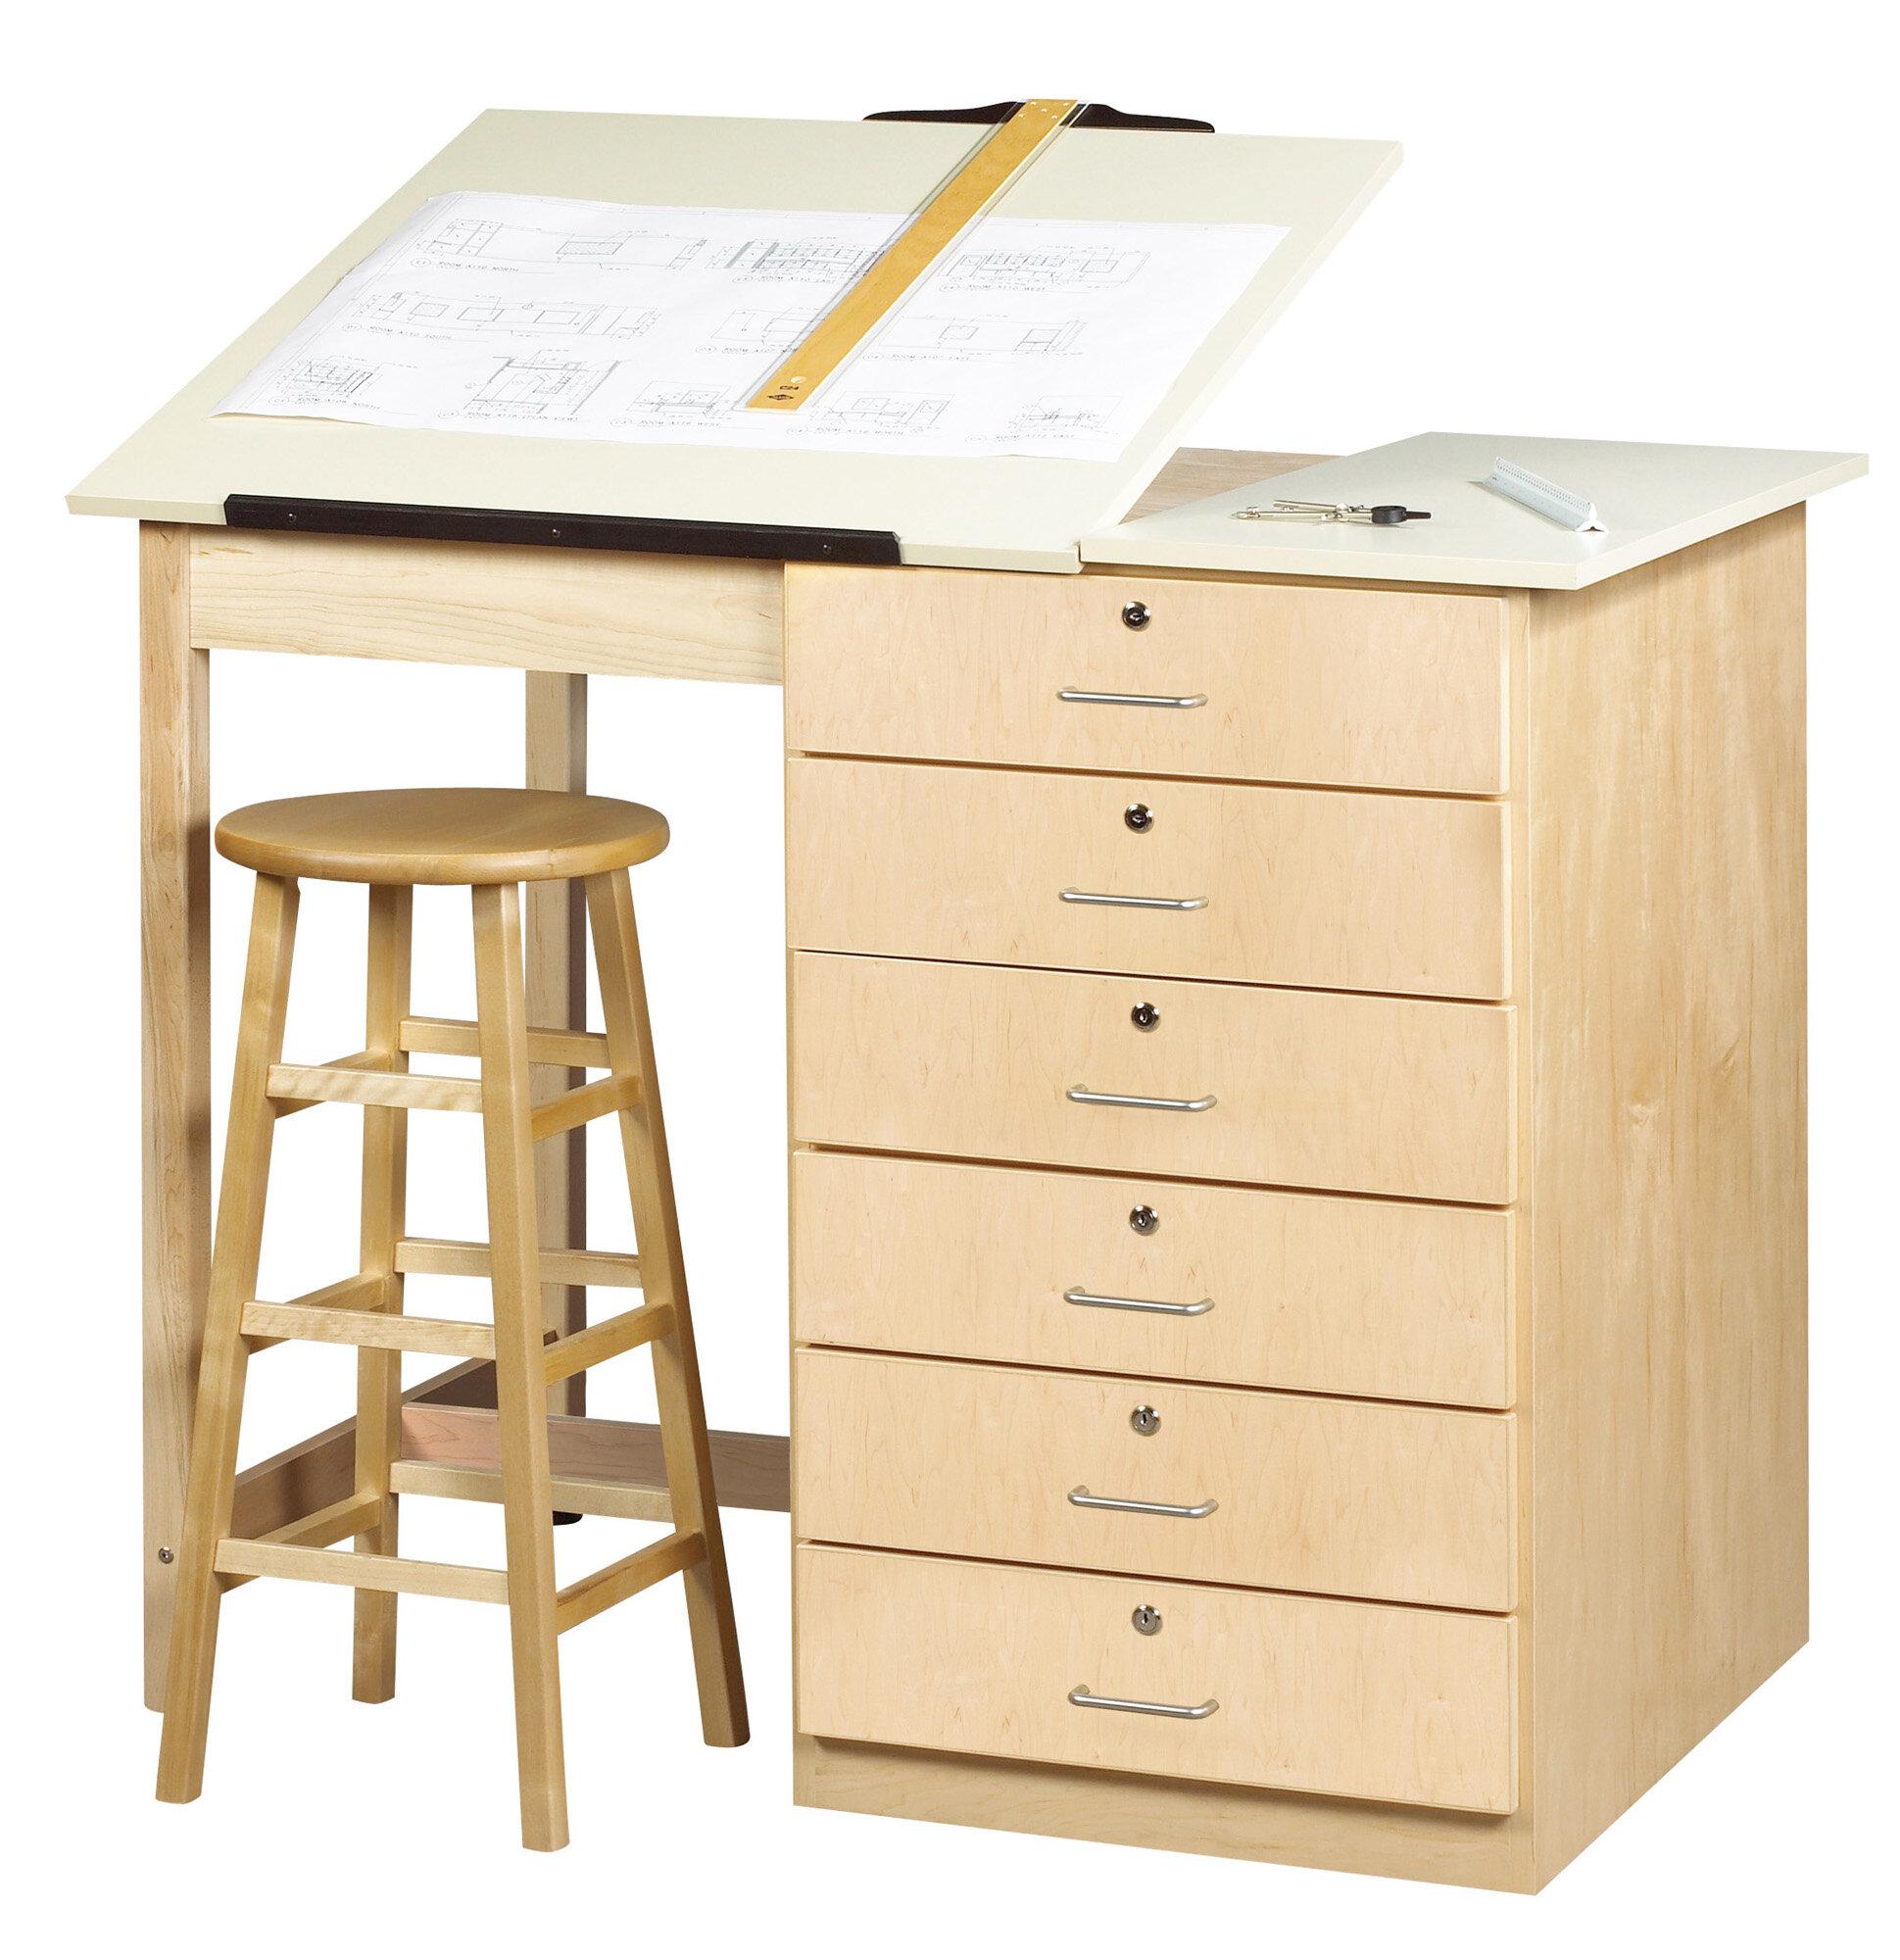 Shain Fiberesin Dowel Drafting Table